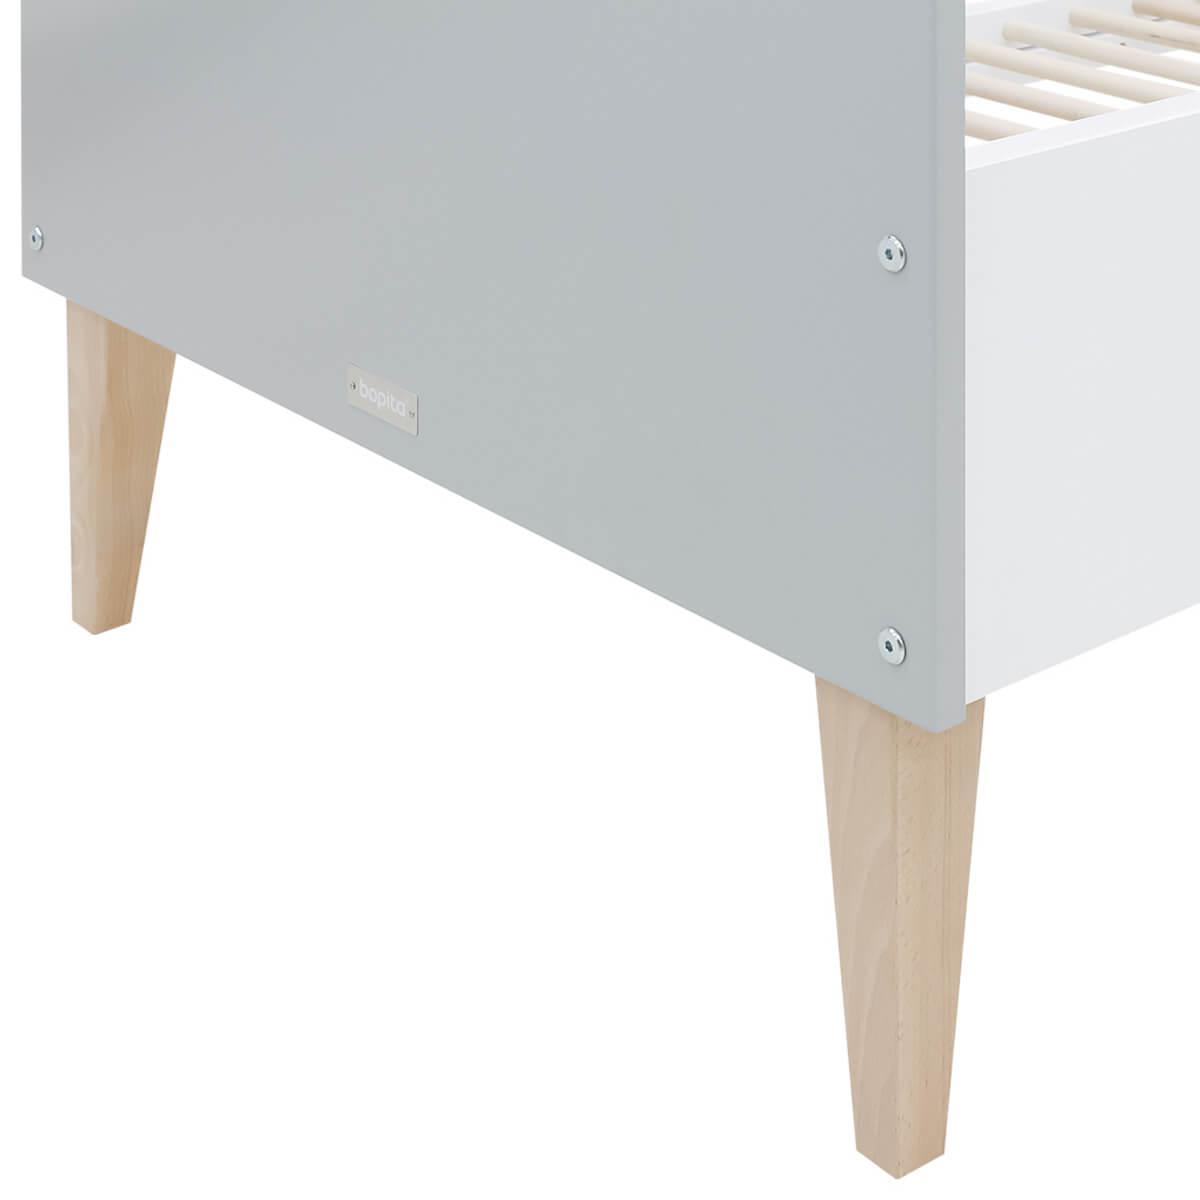 Lit bébé évolutif 70x140cm EMMA Bopita blanc-gris